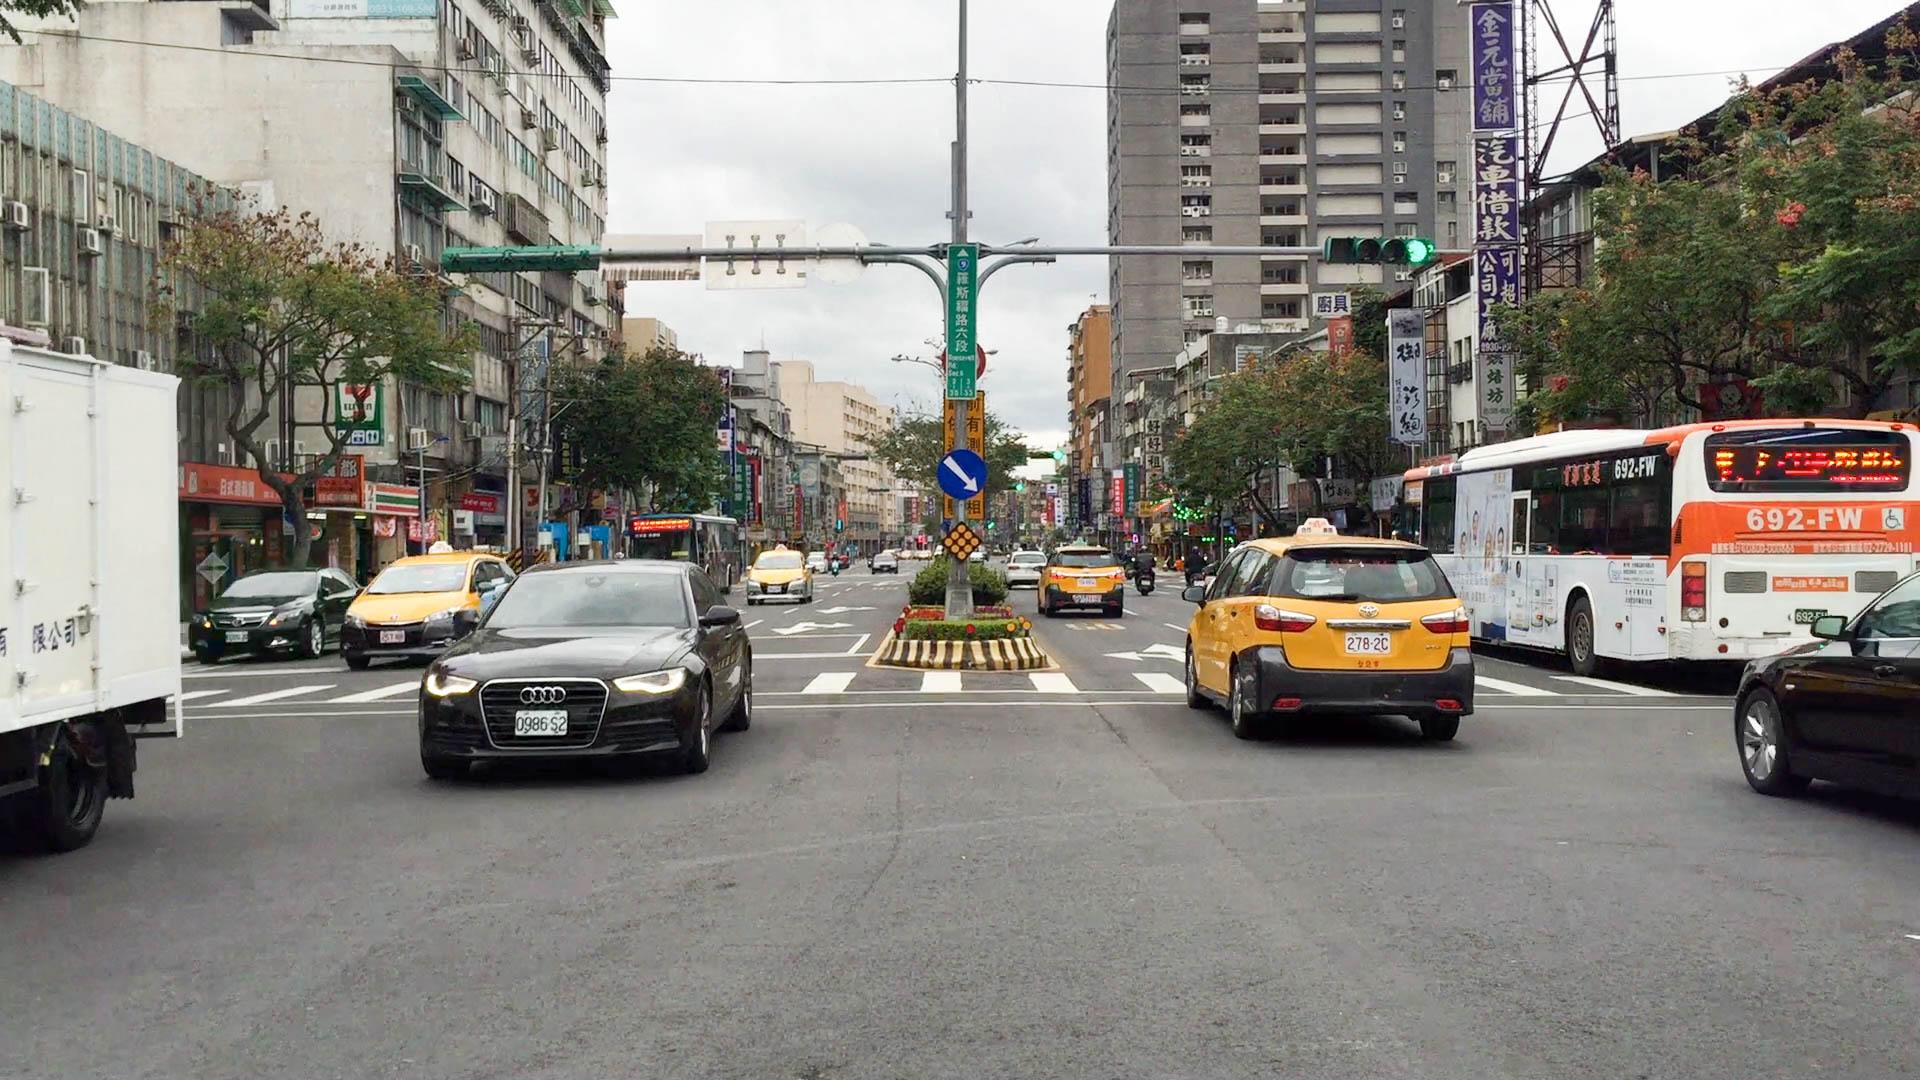 羅斯福路五、六段為文山區交通事故常發點,文山區二分局提醒民眾騎車行經標線務必減速,避免急剎,降低事故可能。攝影/布子如